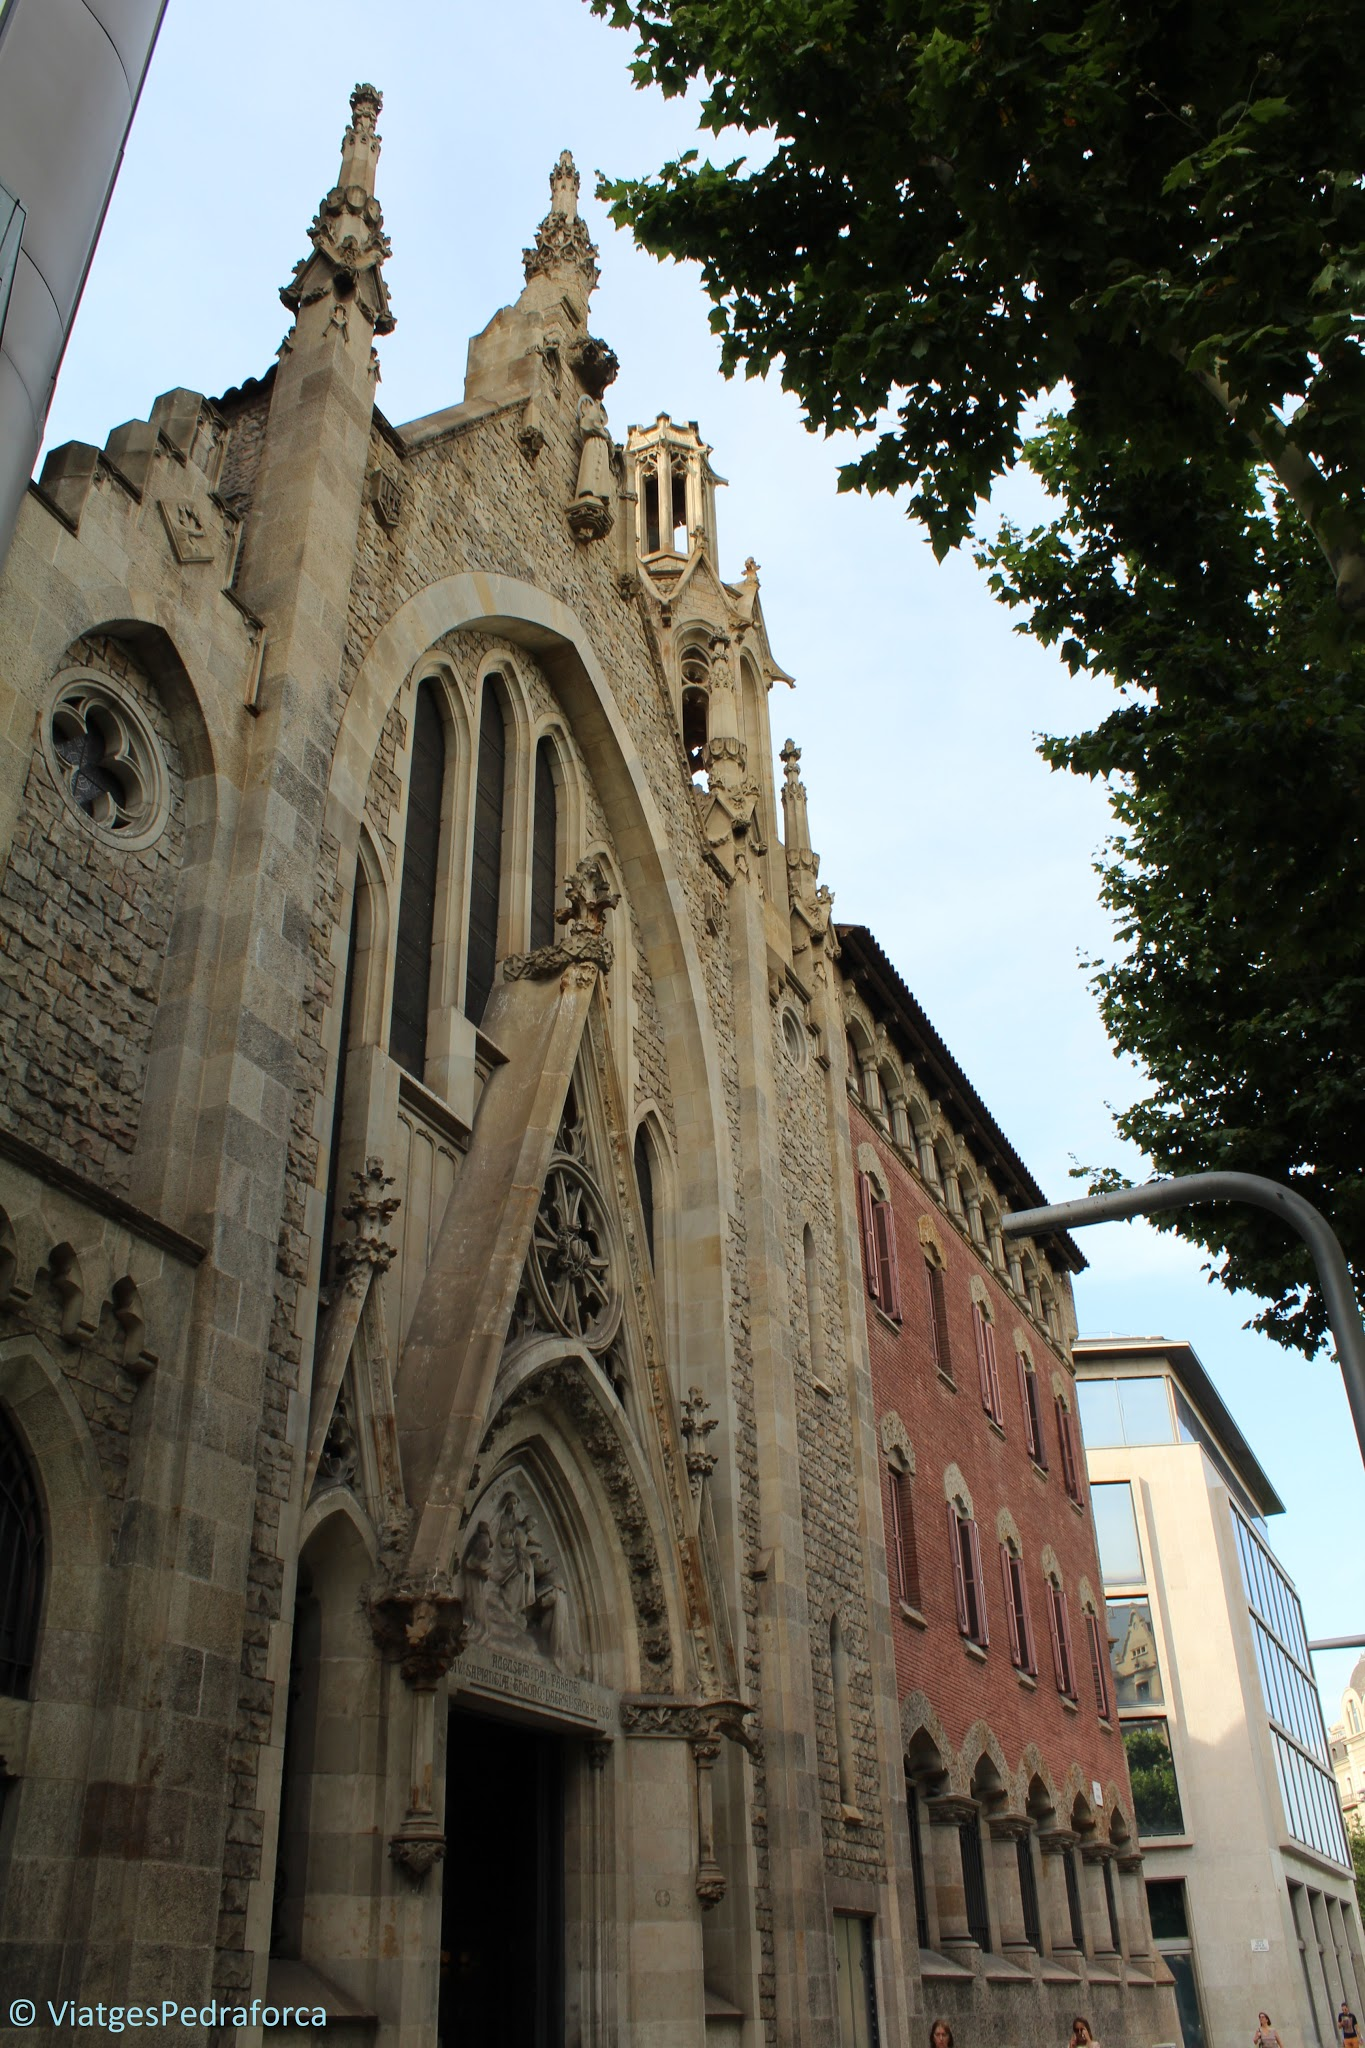 Ruta modernista per Barcelona, Catalunya